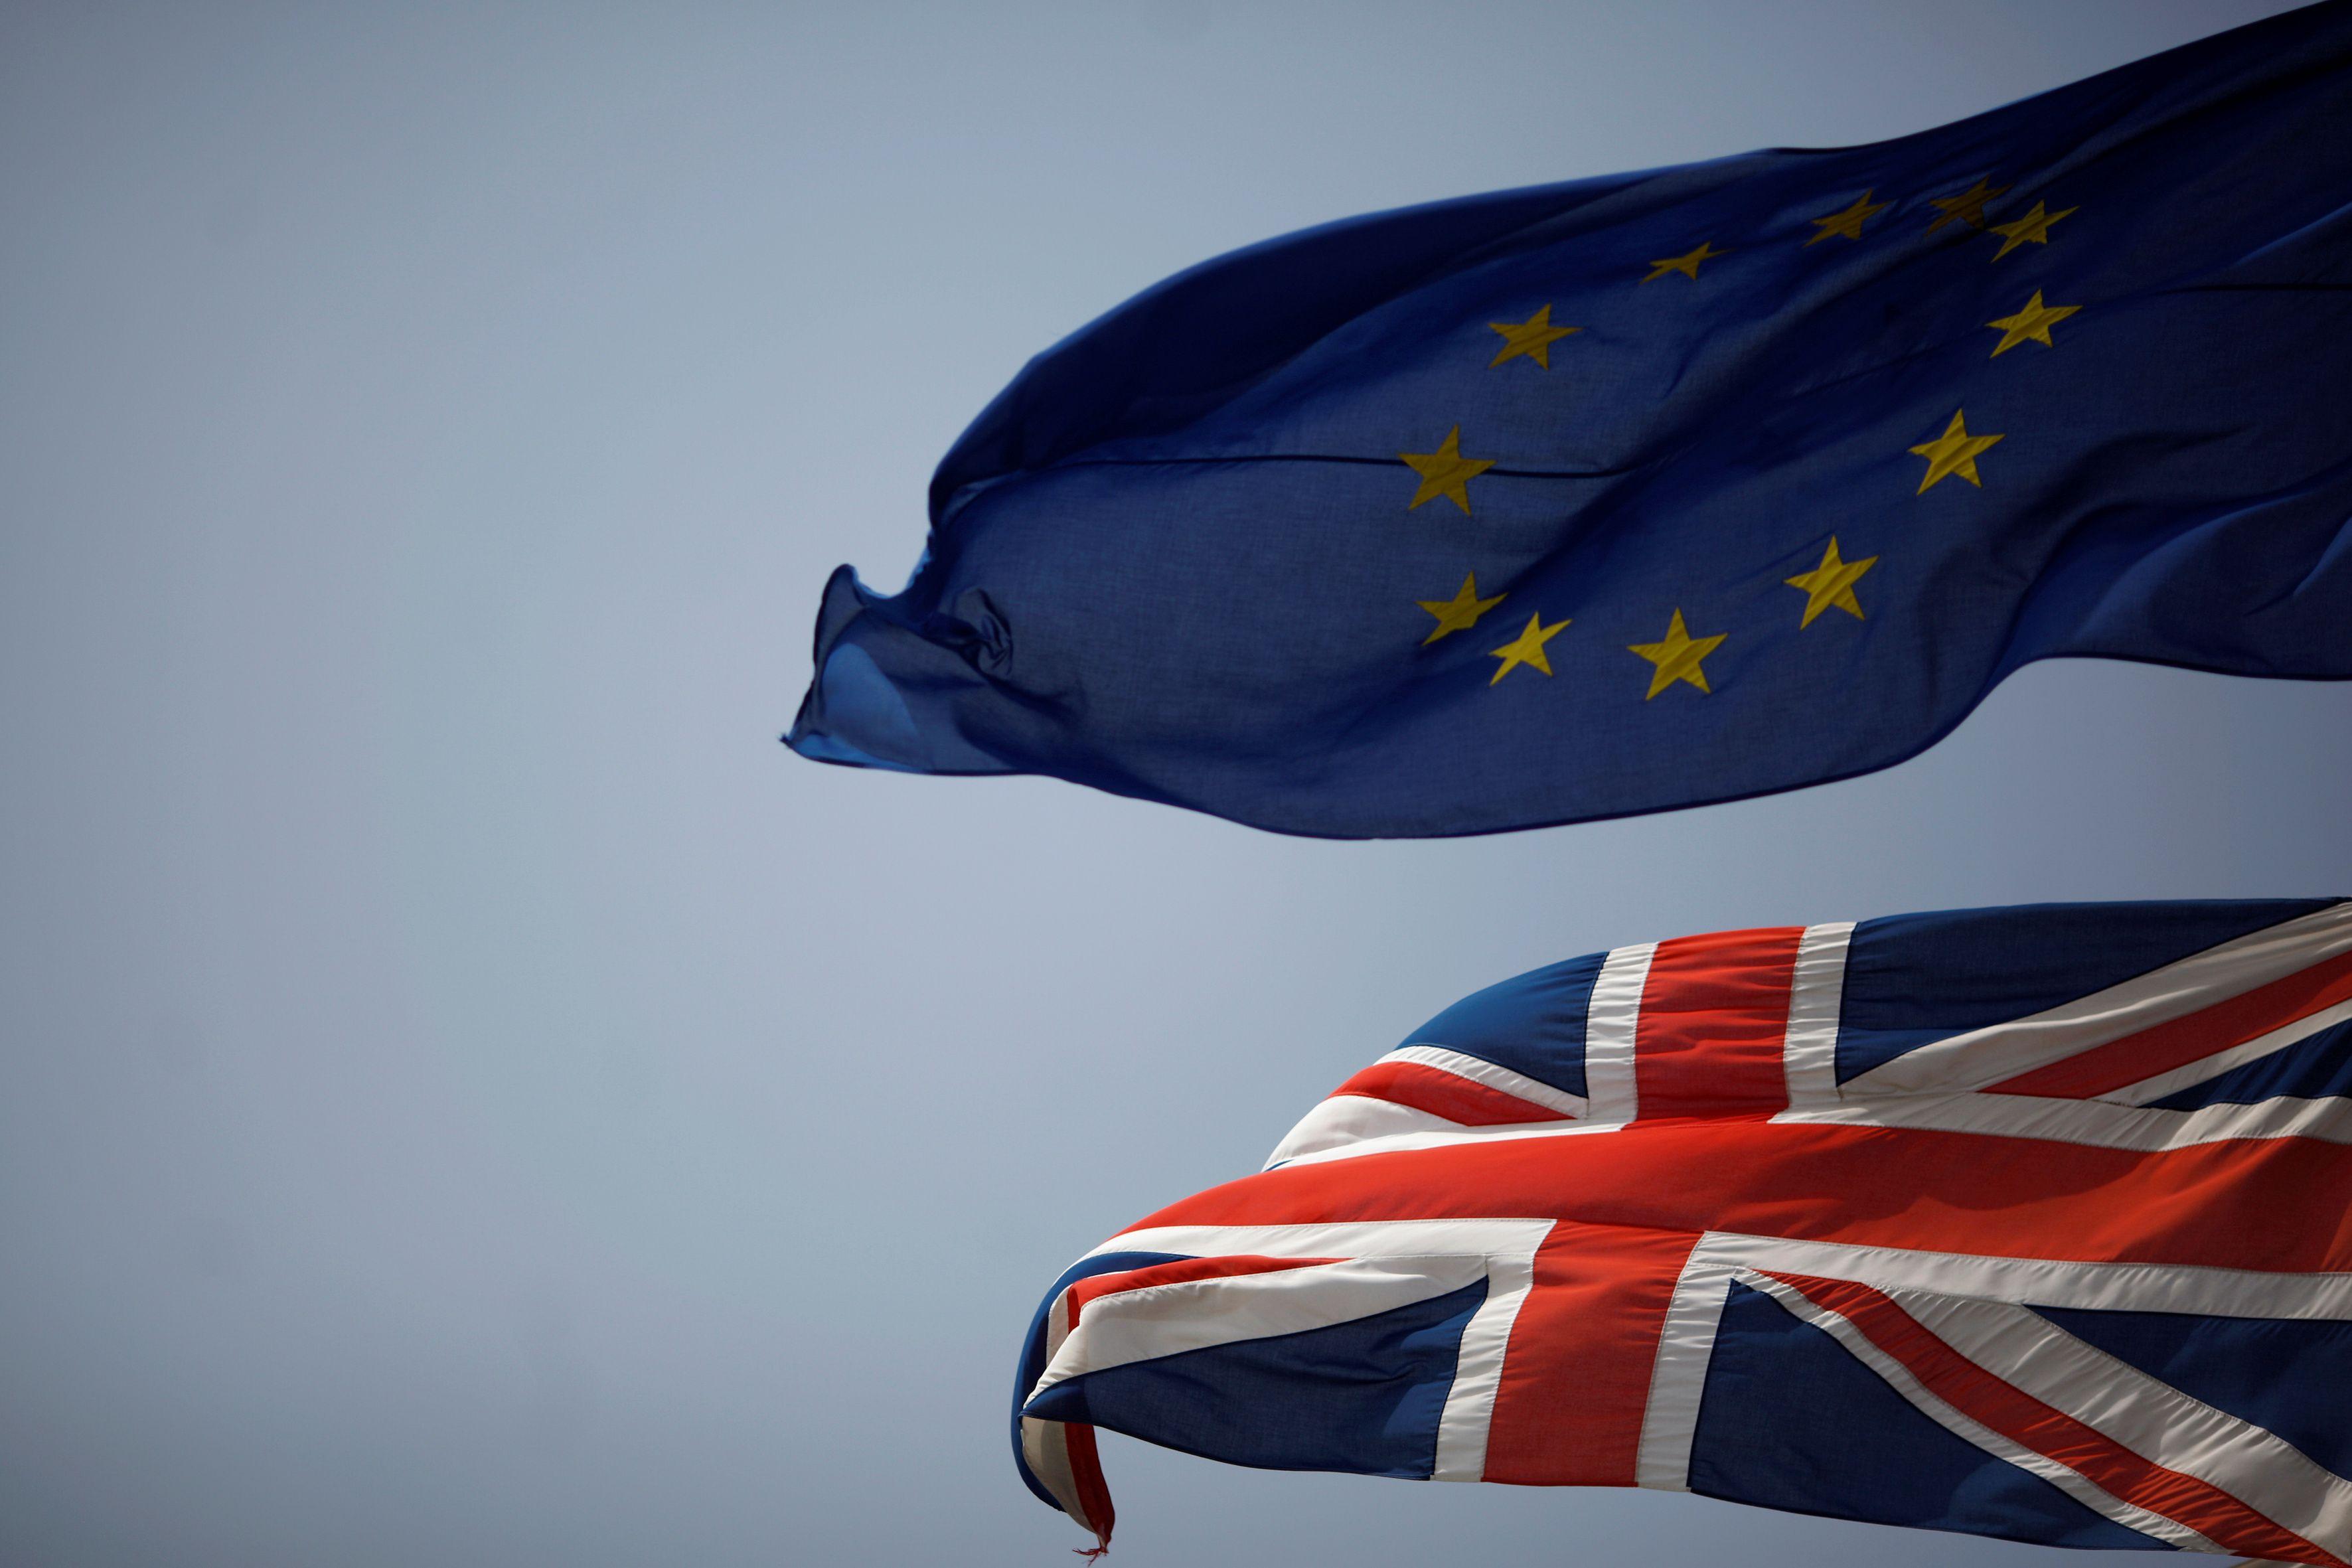 Brexit : Theresa May n'aurait toujours pas de stratégie globale pour mettre en œuvre la sortie de l'UE